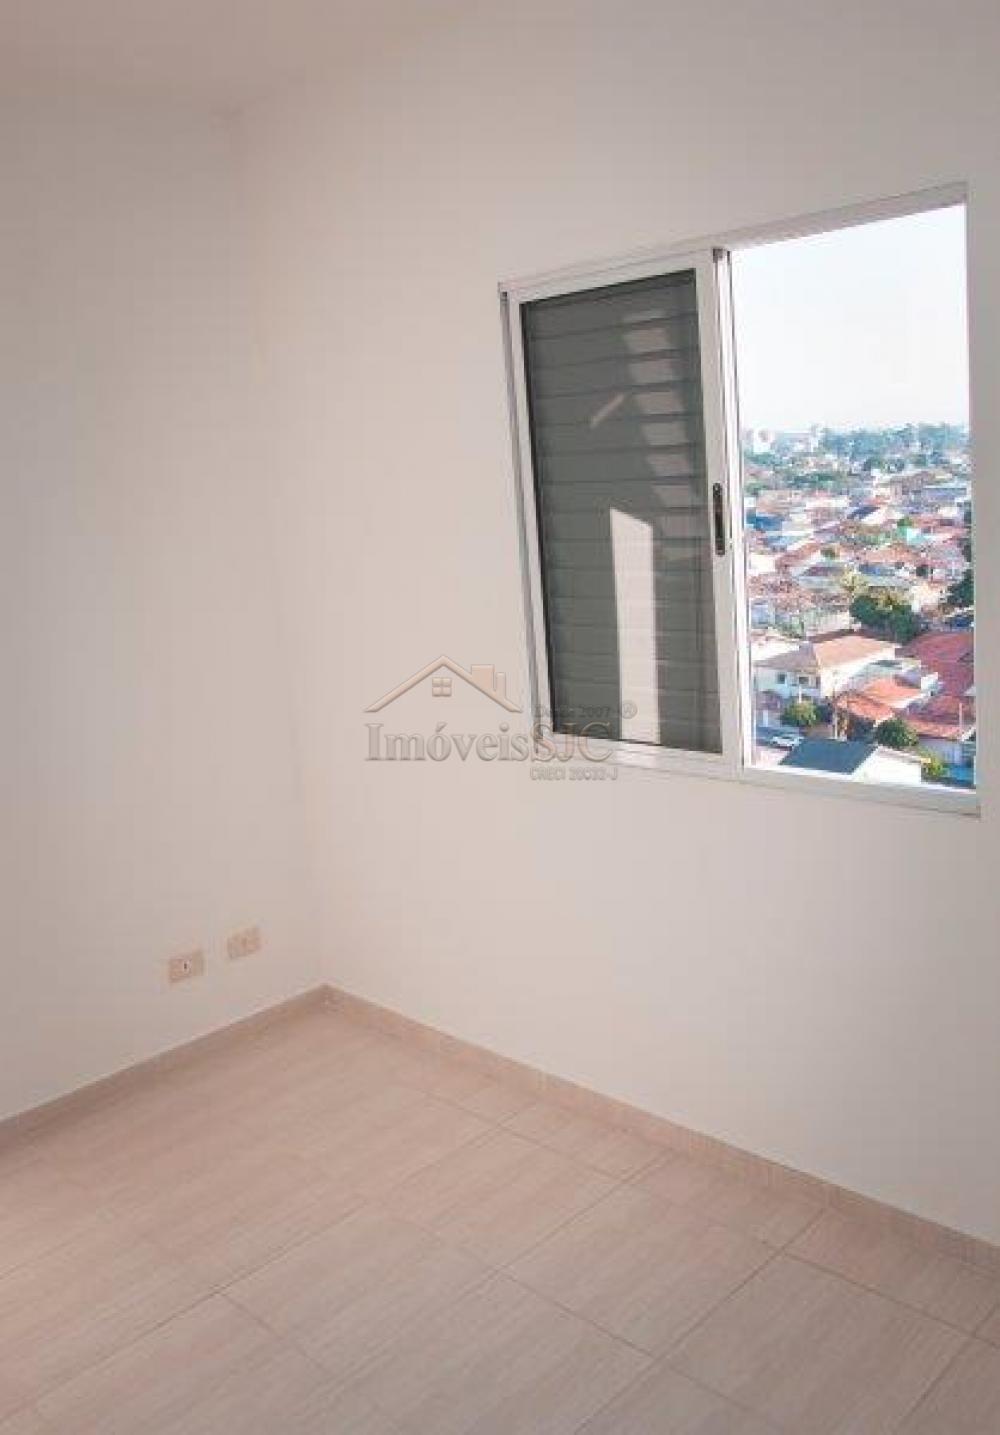 Comprar Apartamentos / Padrão em São José dos Campos apenas R$ 330.000,00 - Foto 7